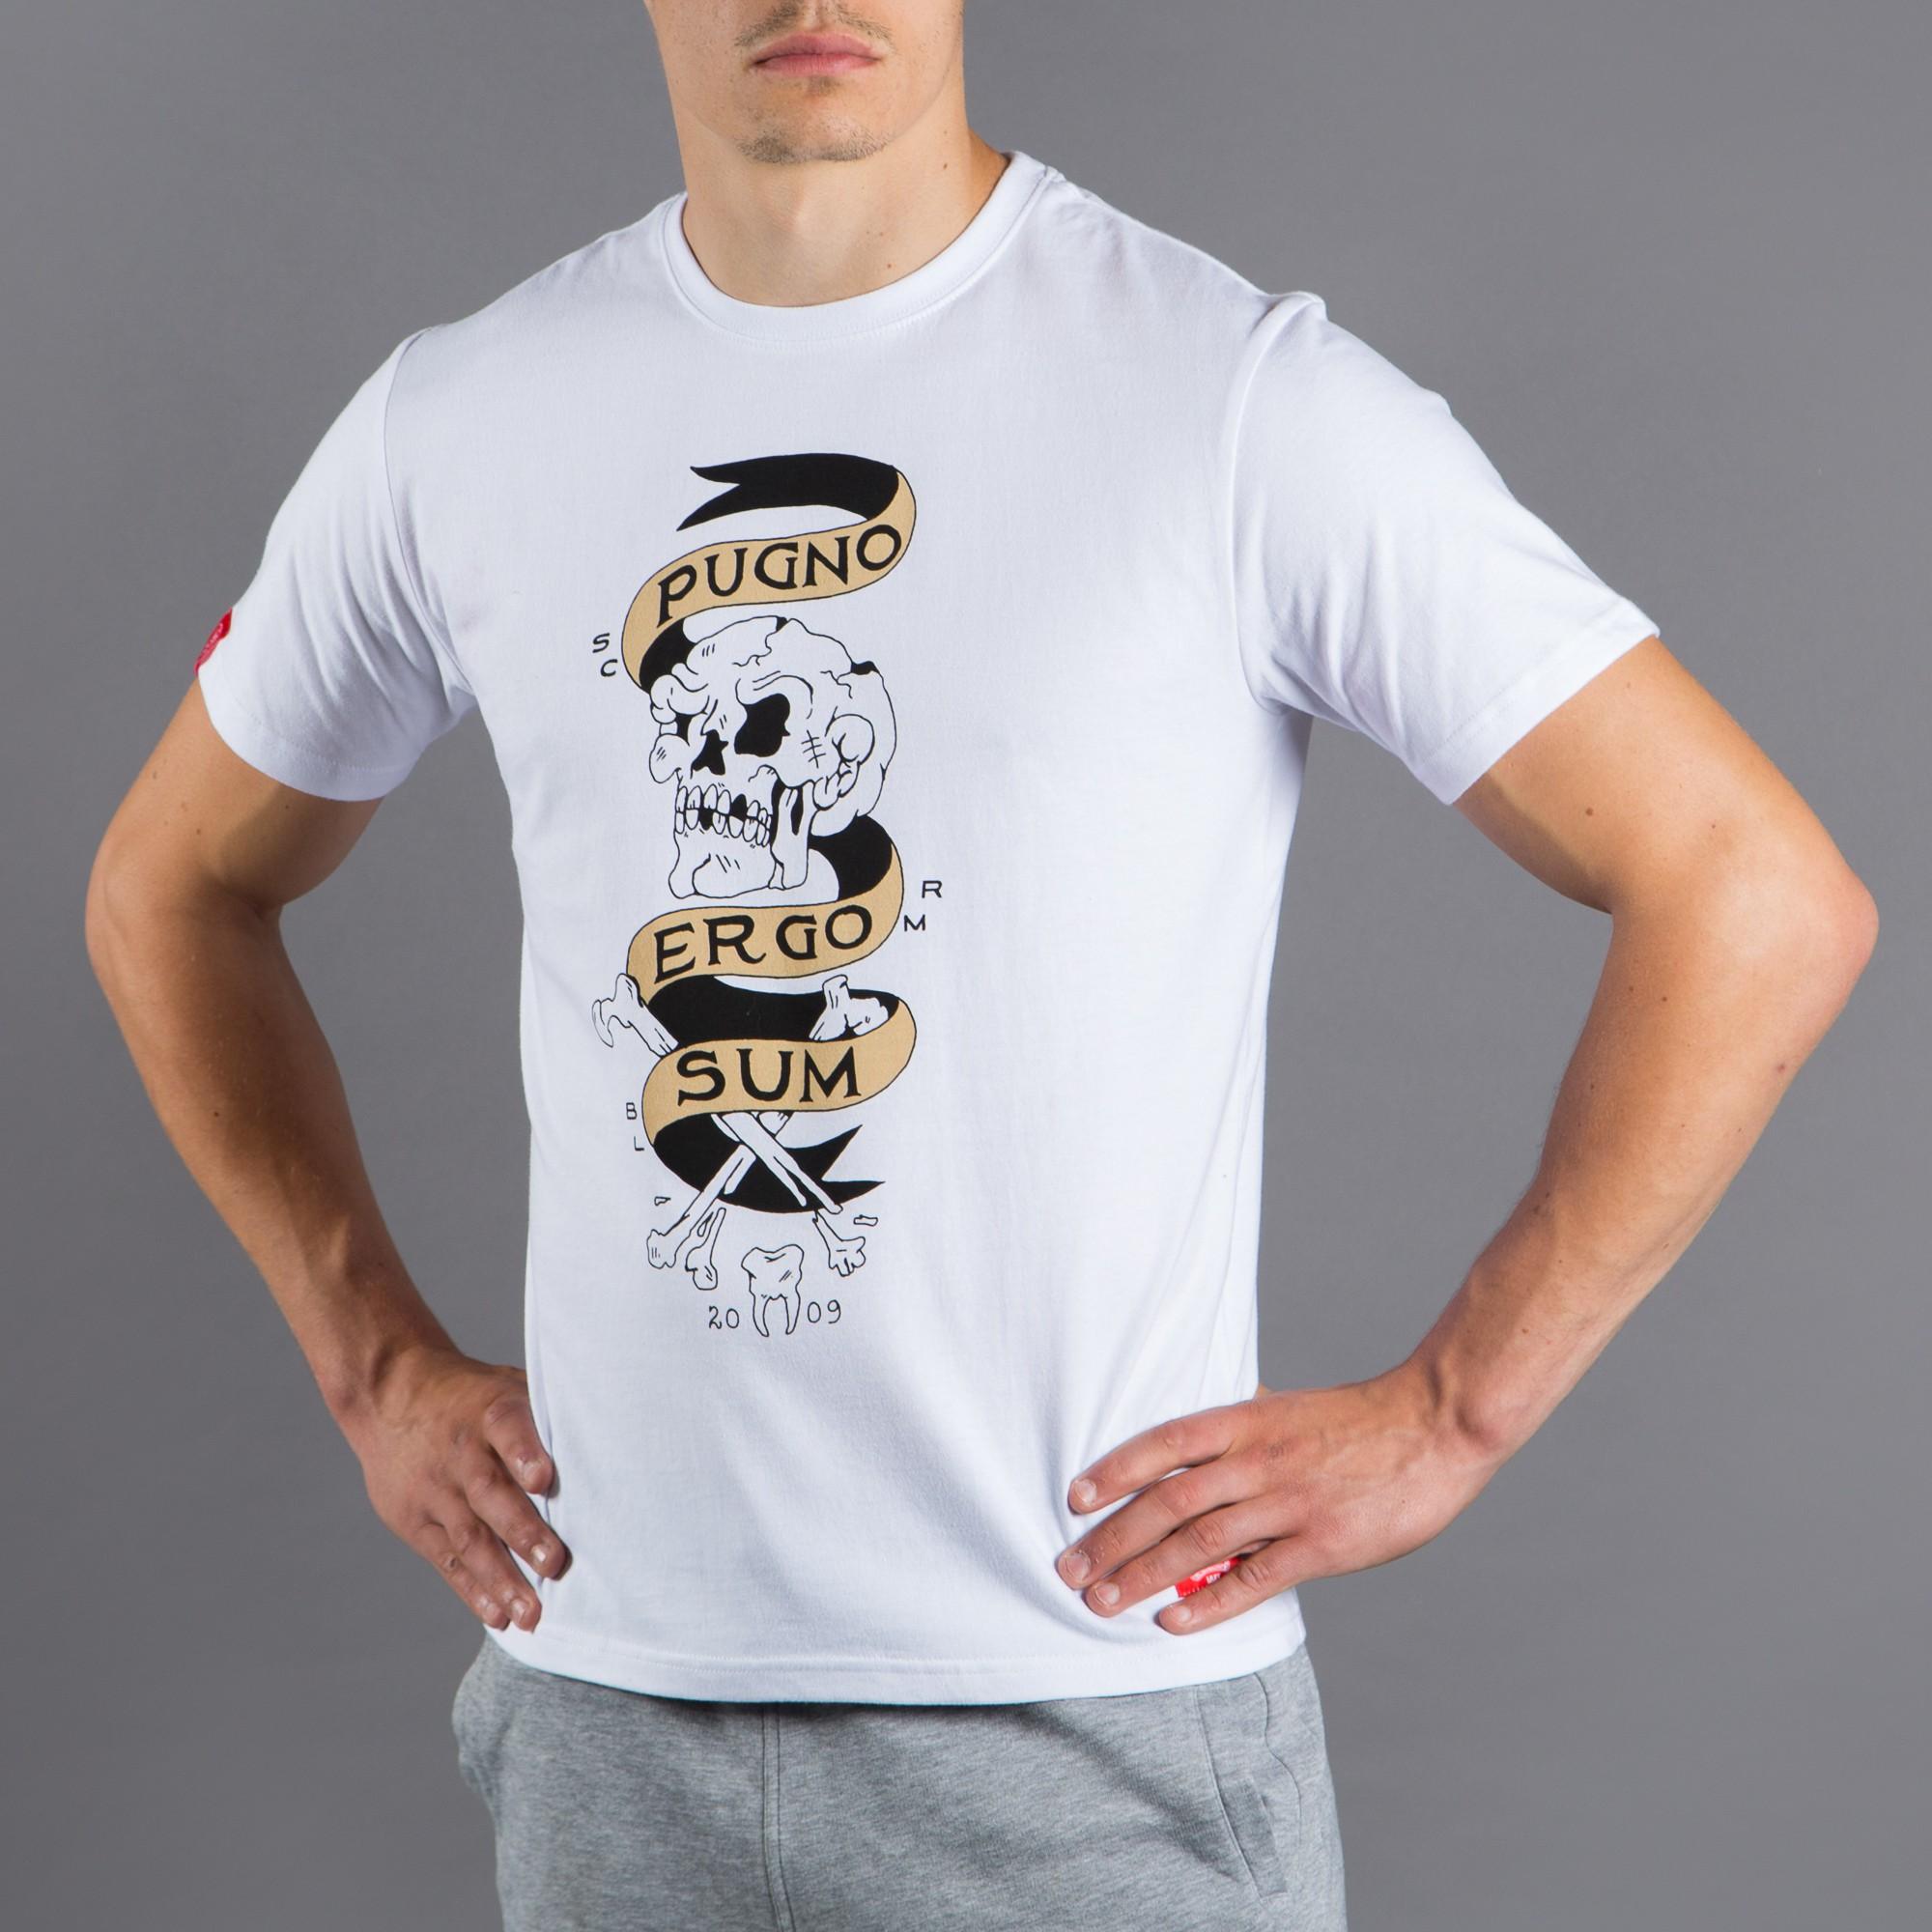 Scramble Pugno Ergo Sum T Shirt